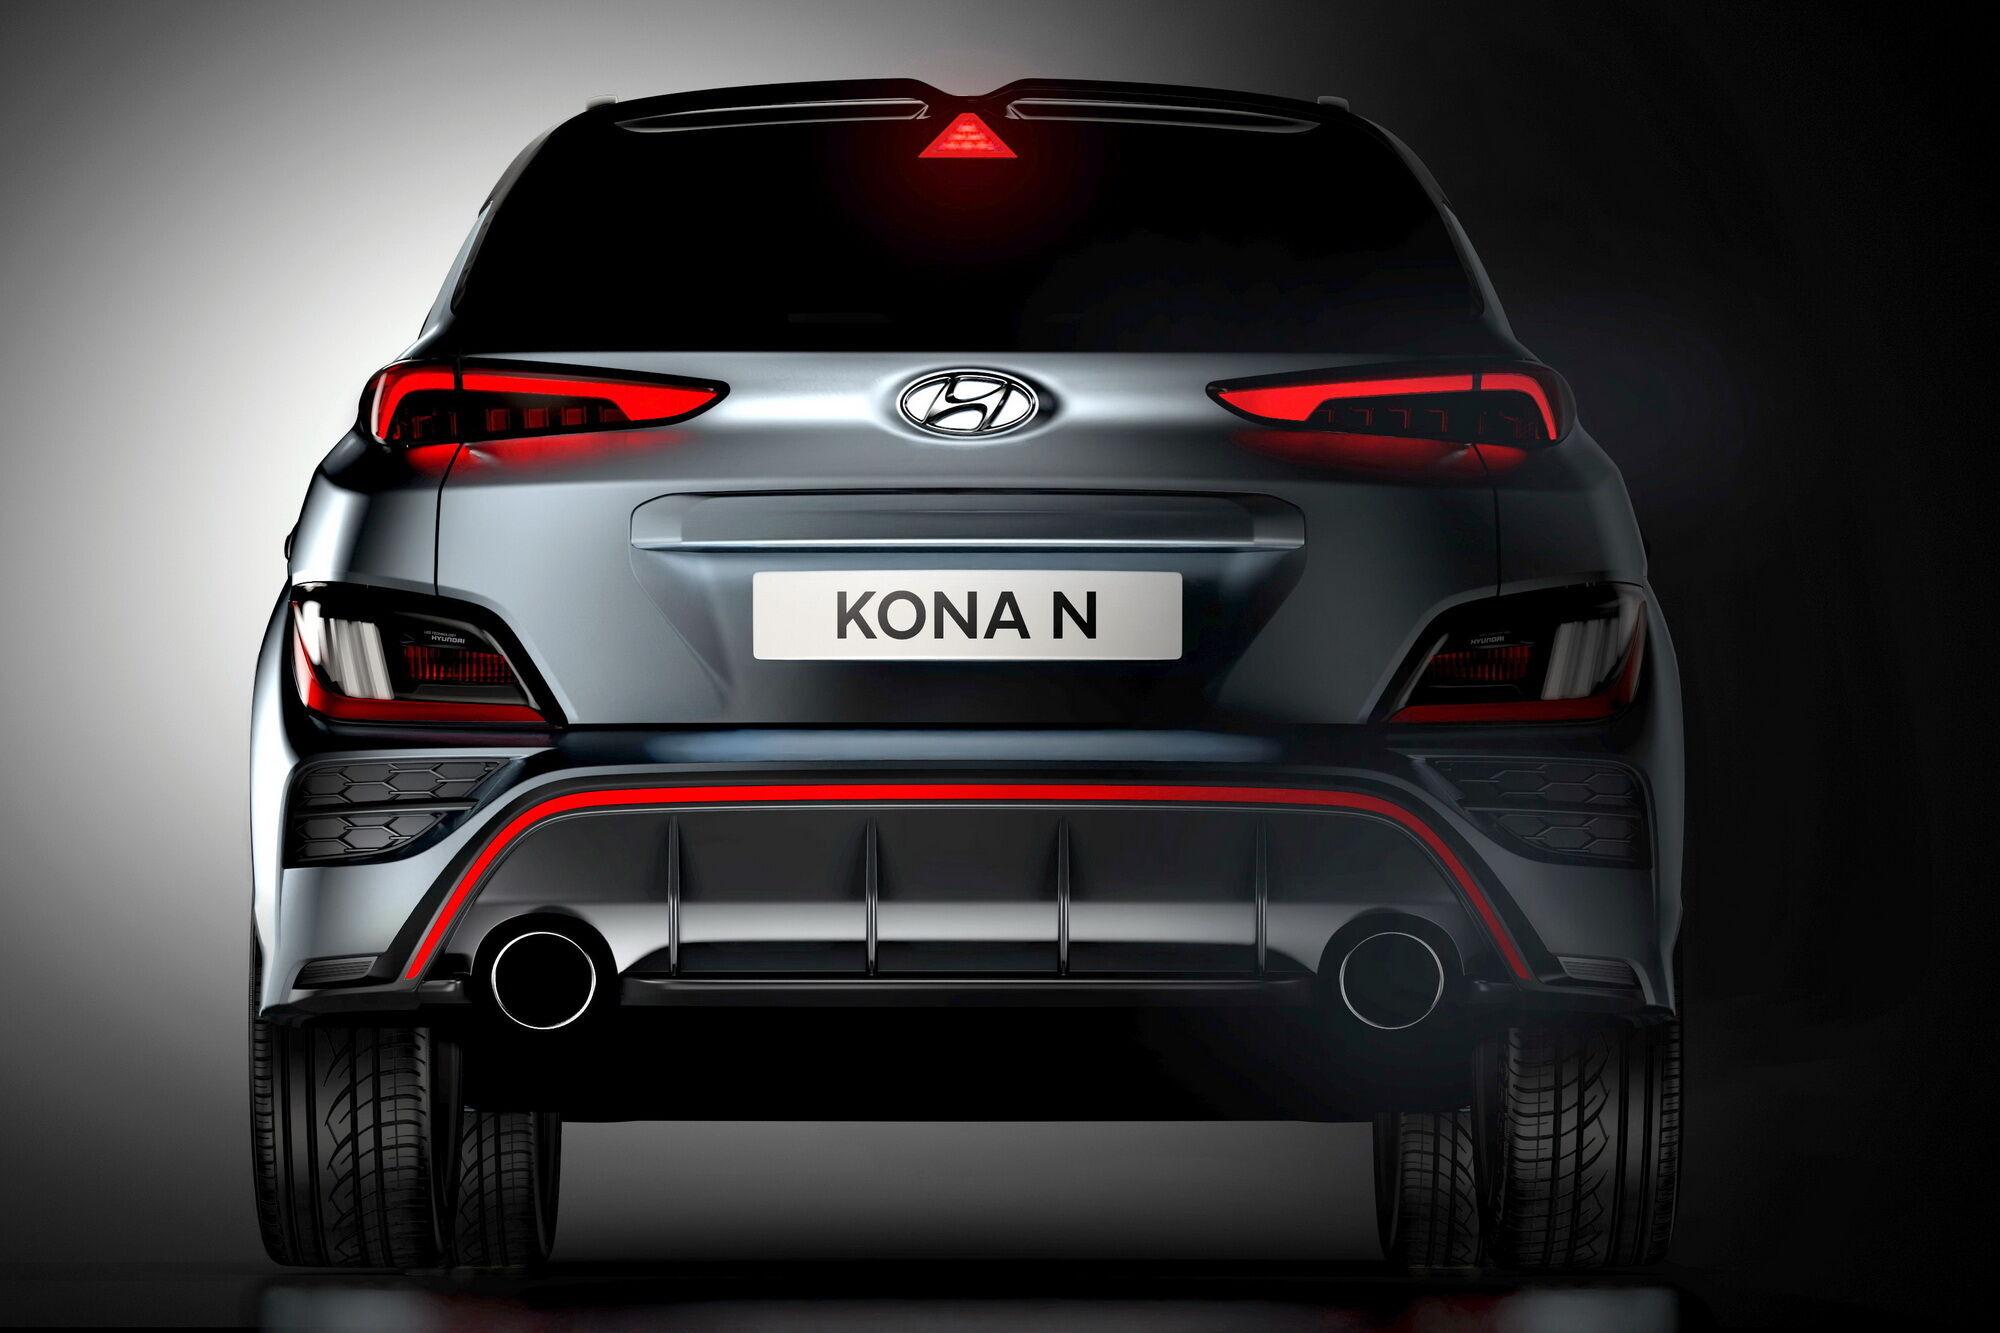 Kona N получила новый задний бампер с диффузором и крупными патрубками выхлопной системы